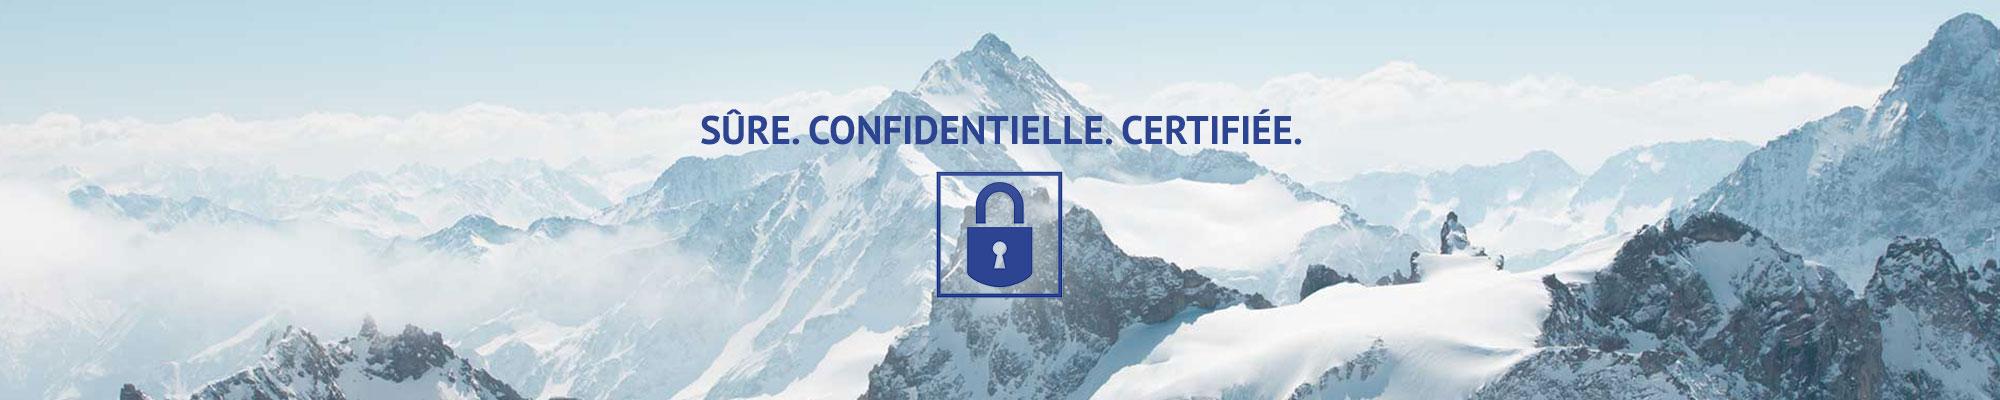 Schweizer Berge mit einem blauen Schloss-Icon und der Headline Sûre. Confidentielle. Certifiée.